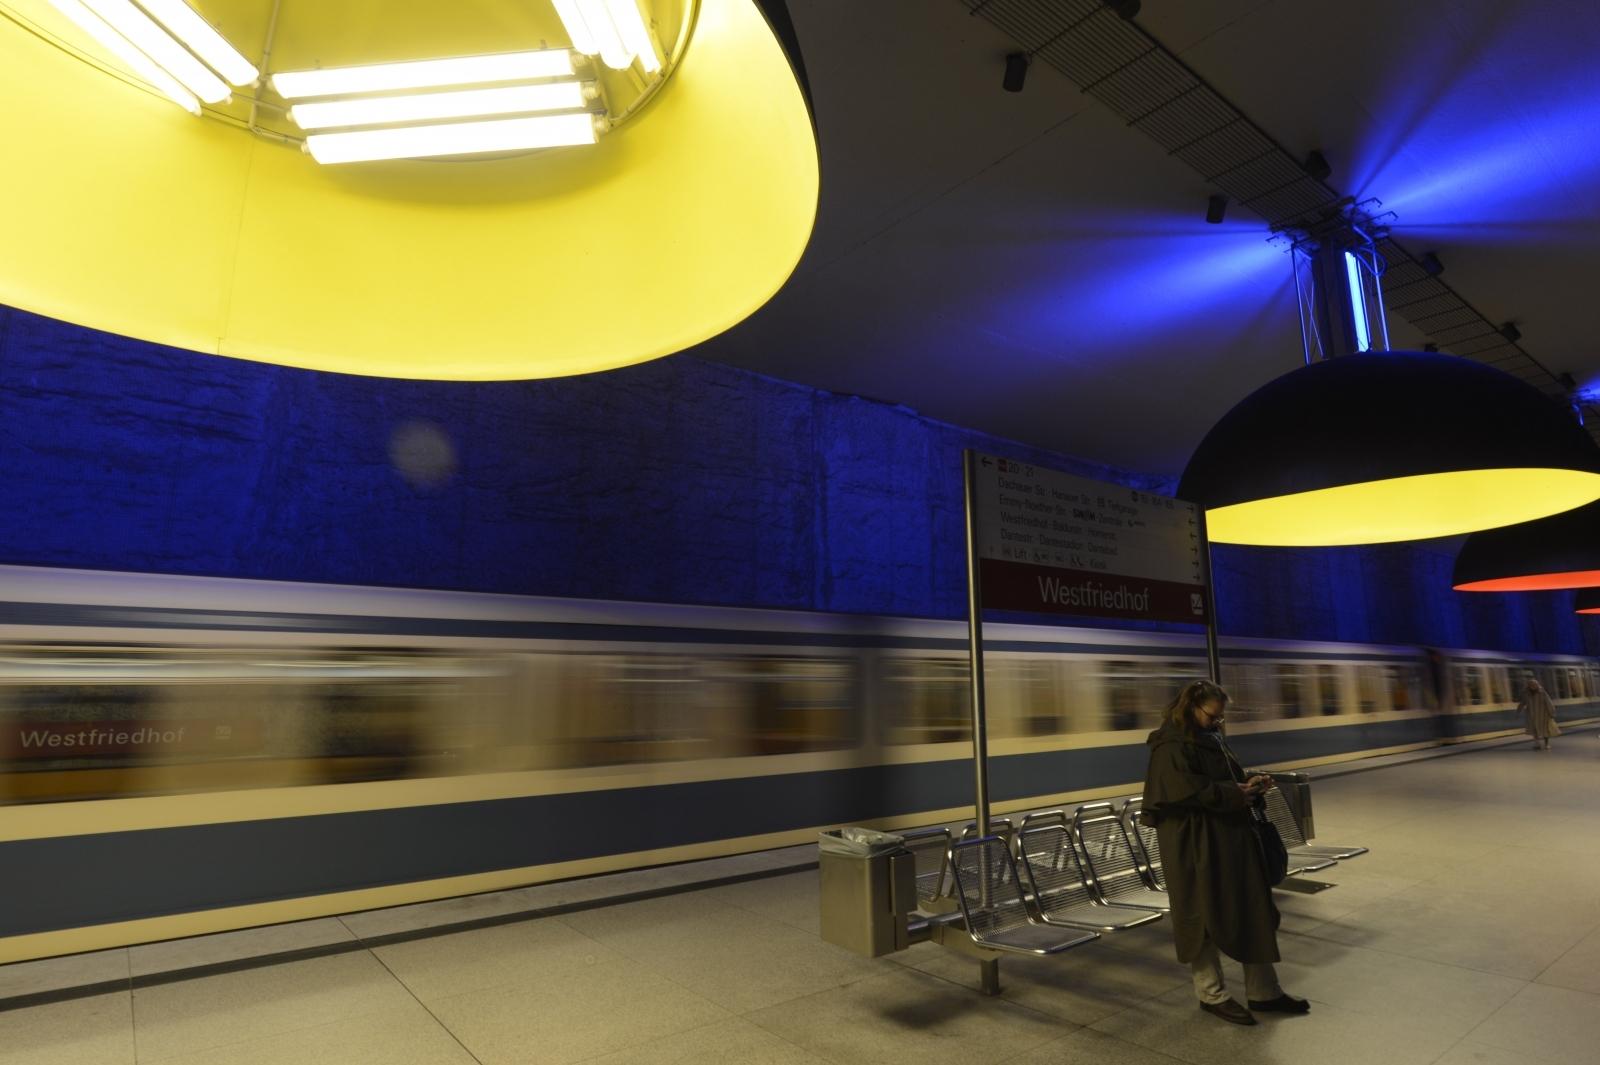 Munich U-Bahn